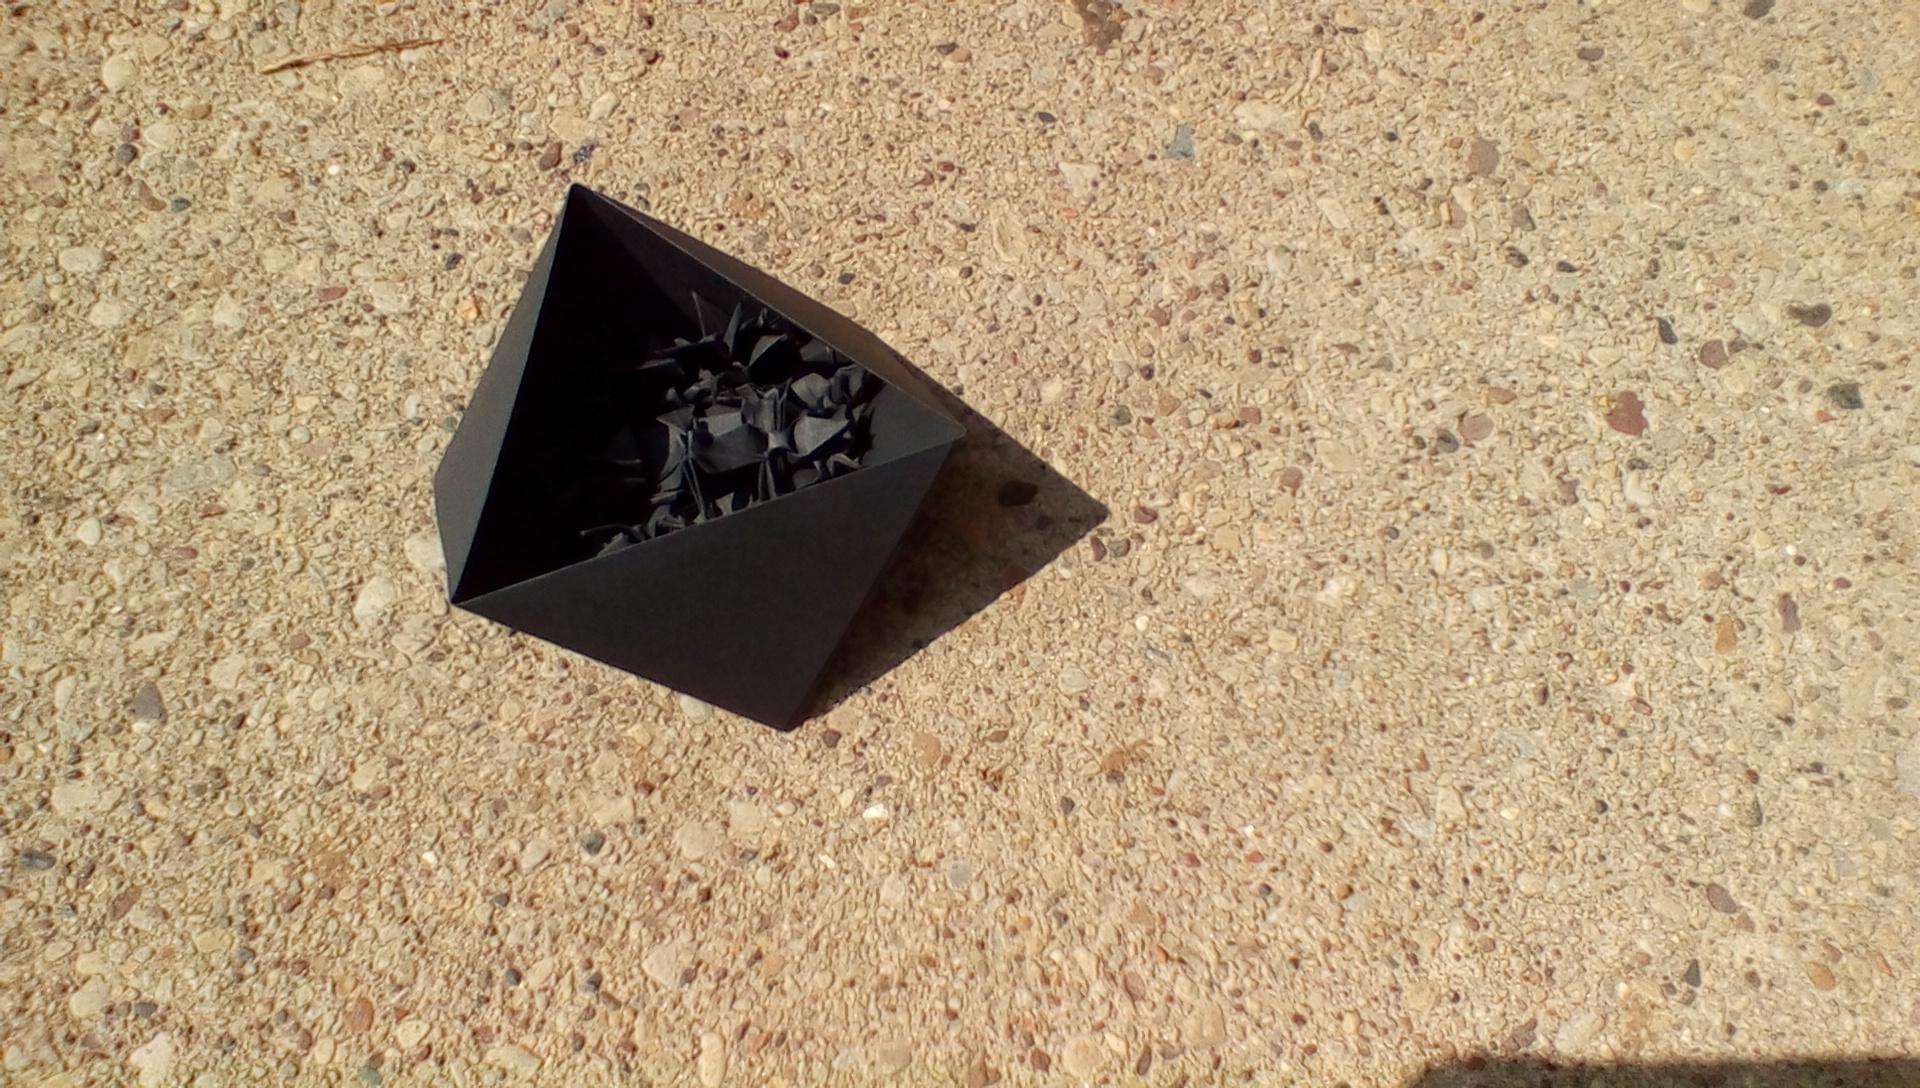 Triangular Modular Origami Box